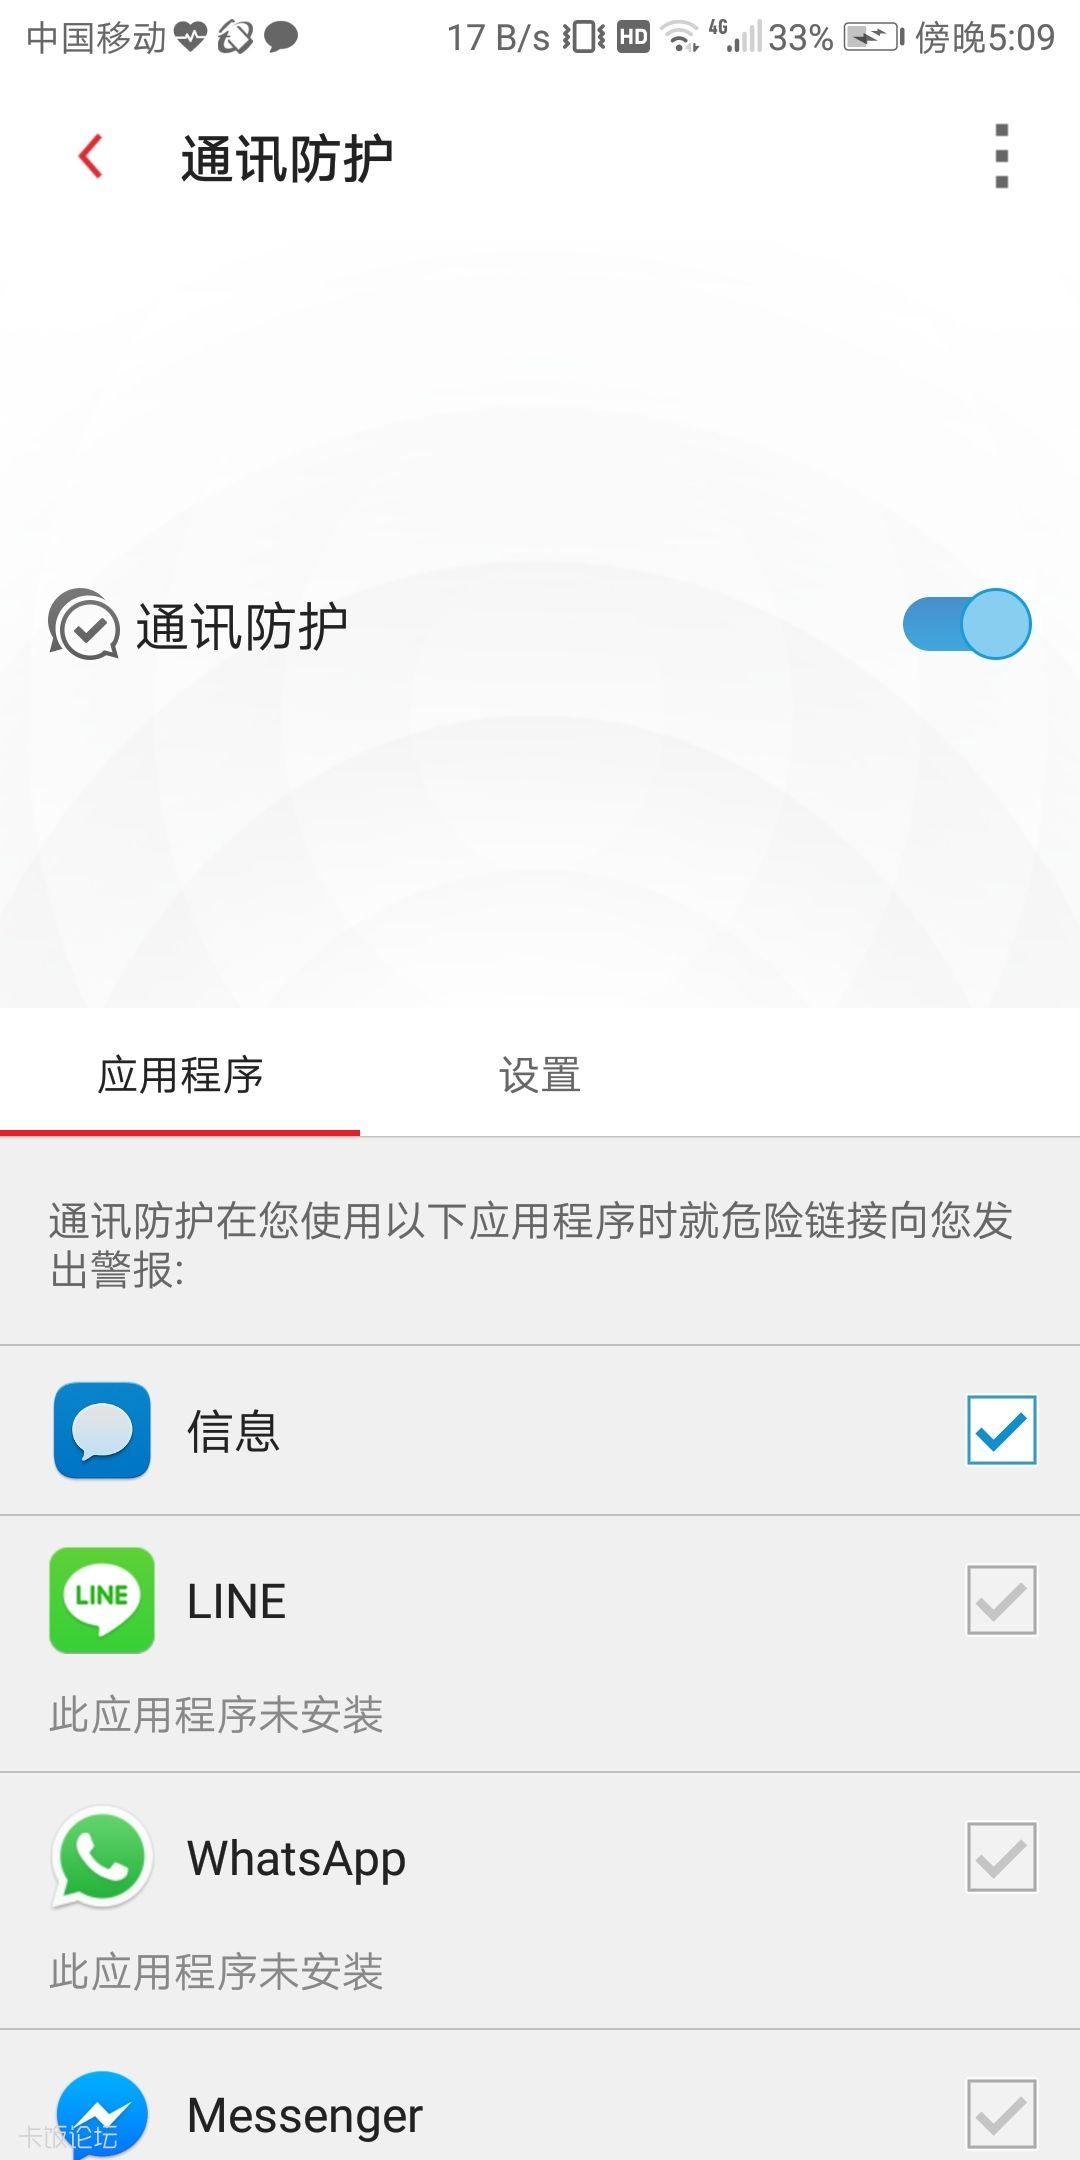 Screenshot_20190423-170958.jpg